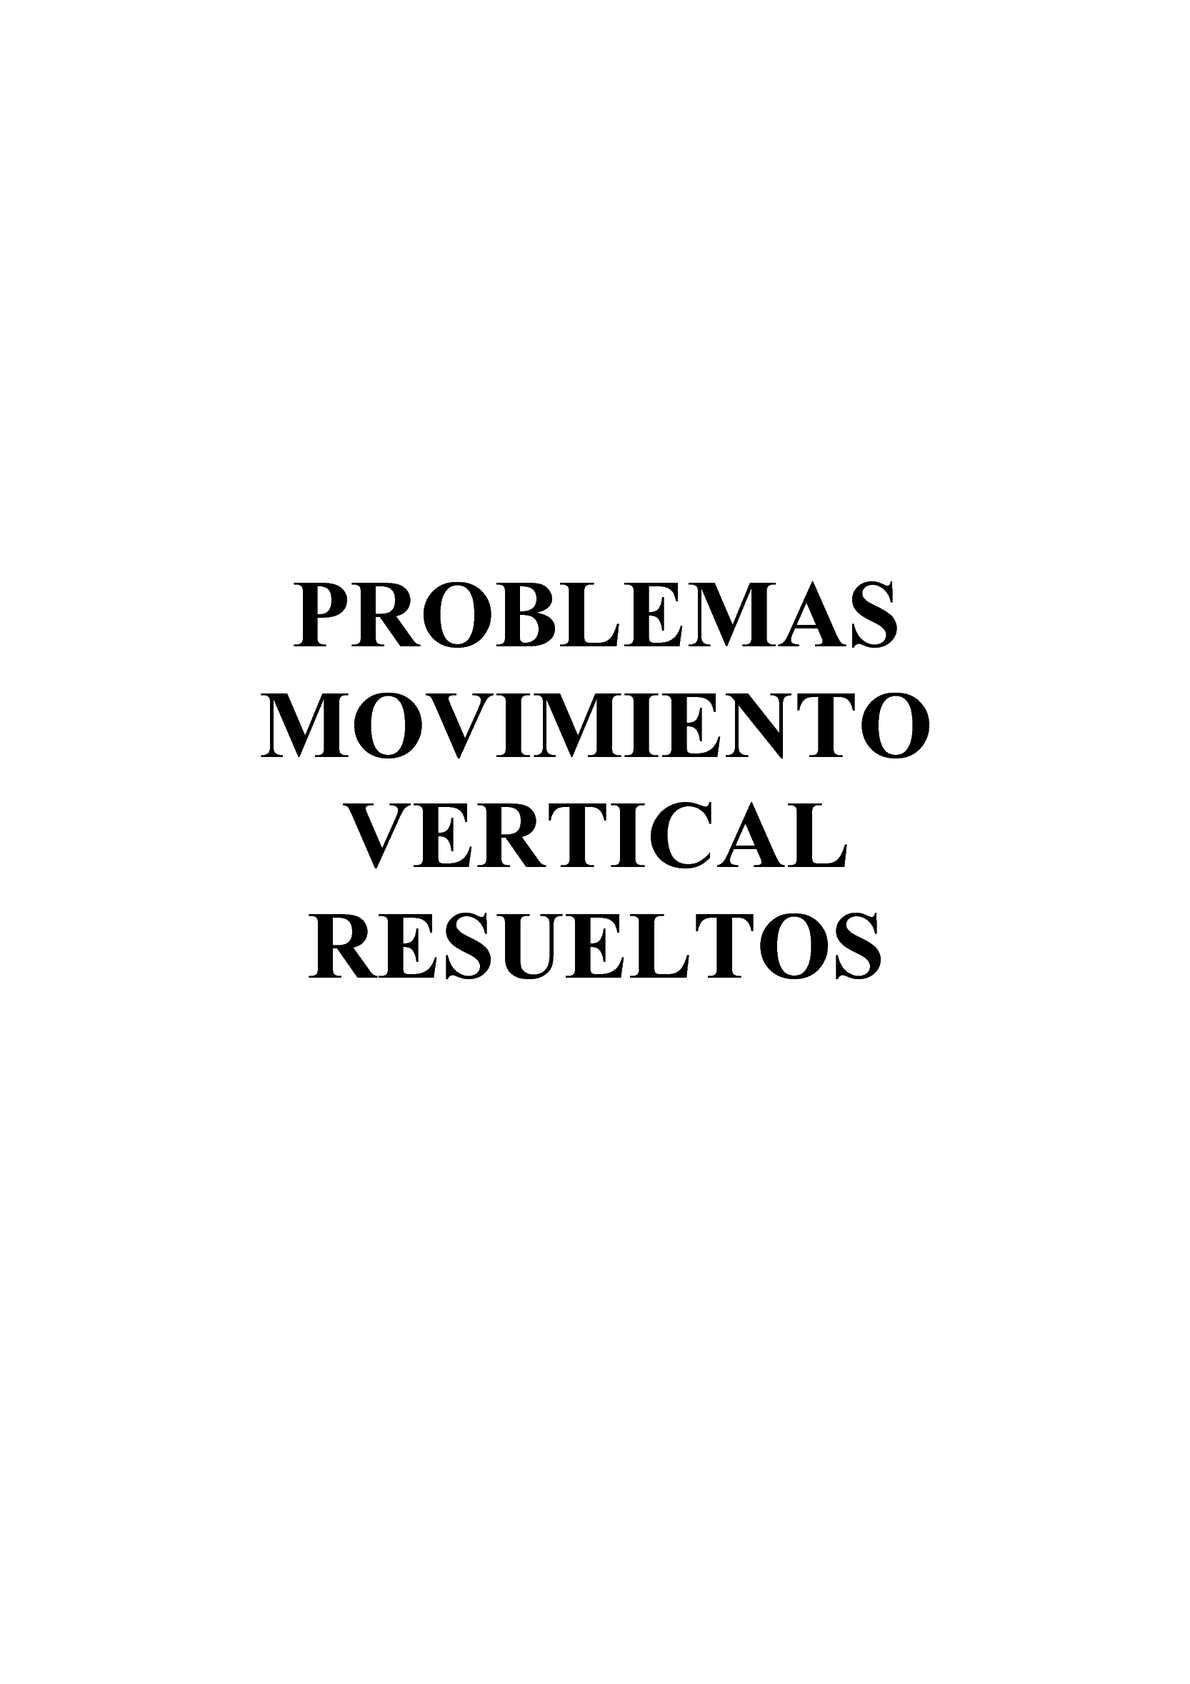 25 PROBLEMAS DE MOVIMIENTO VERTICAL RESUELTOS